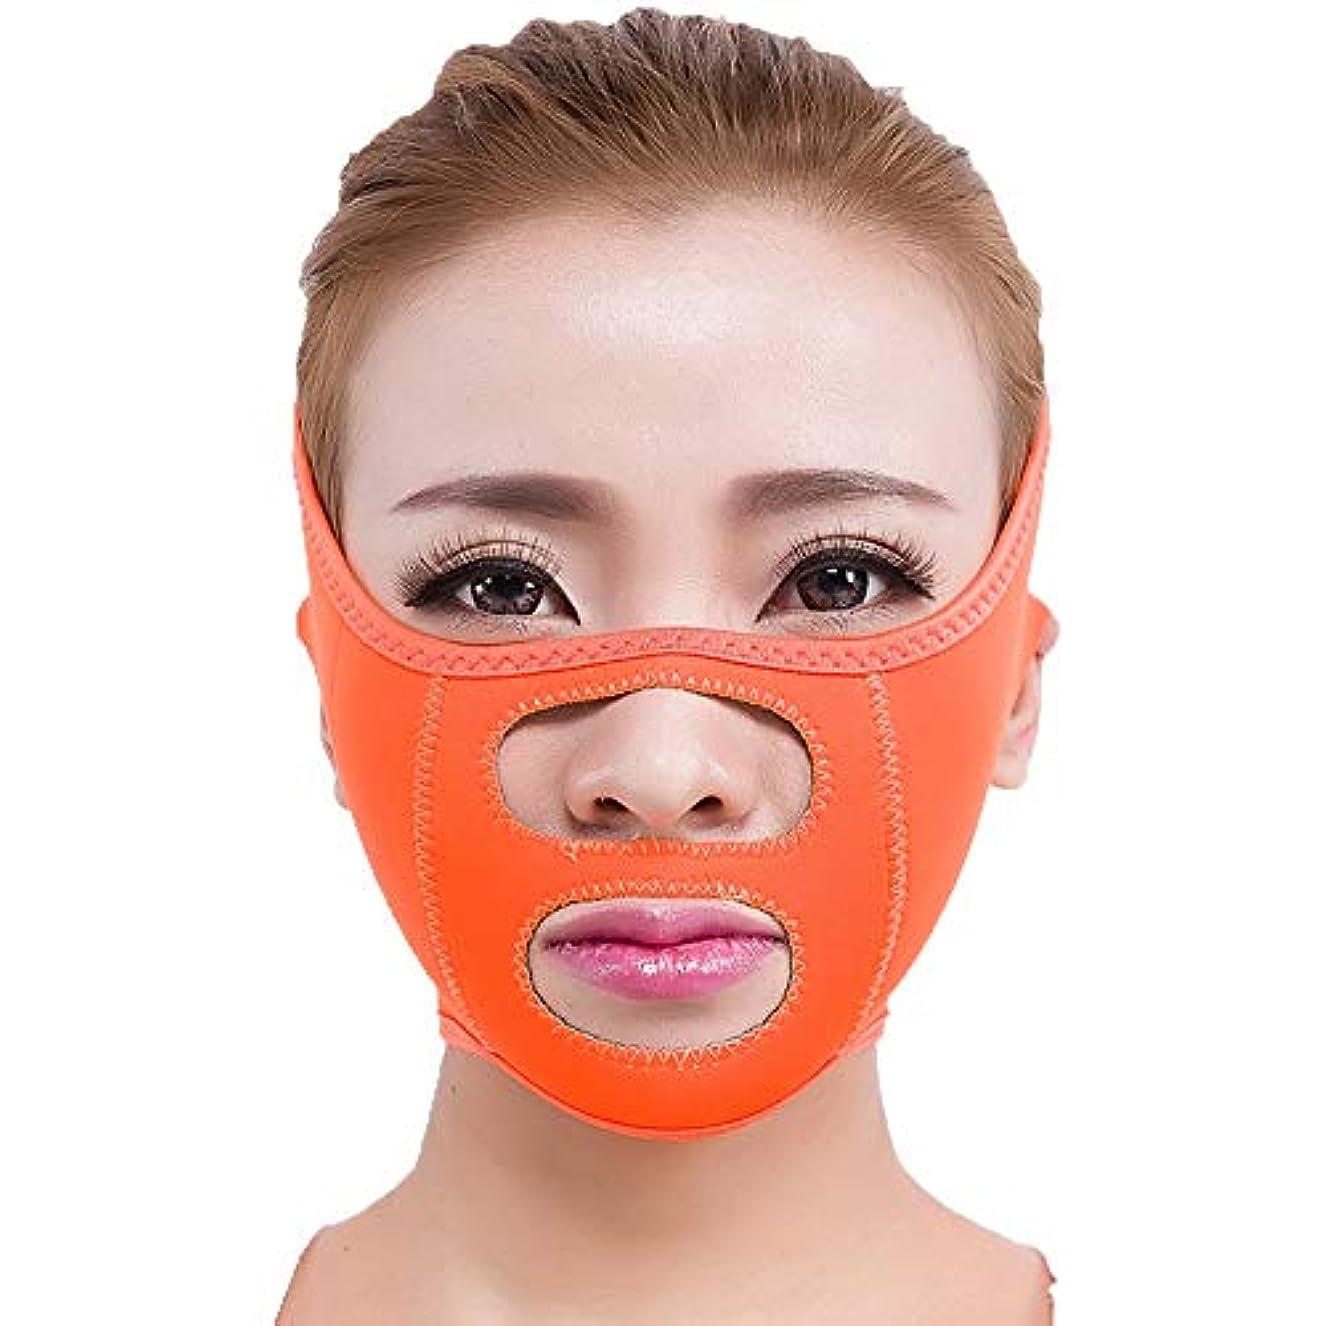 一過性しわアプローチ二重顎の圧力低下装置、睡眠薄い顔のベルト小さなvの顔の器械の包帯マスク持ち上げる顔のステッカー,Orange